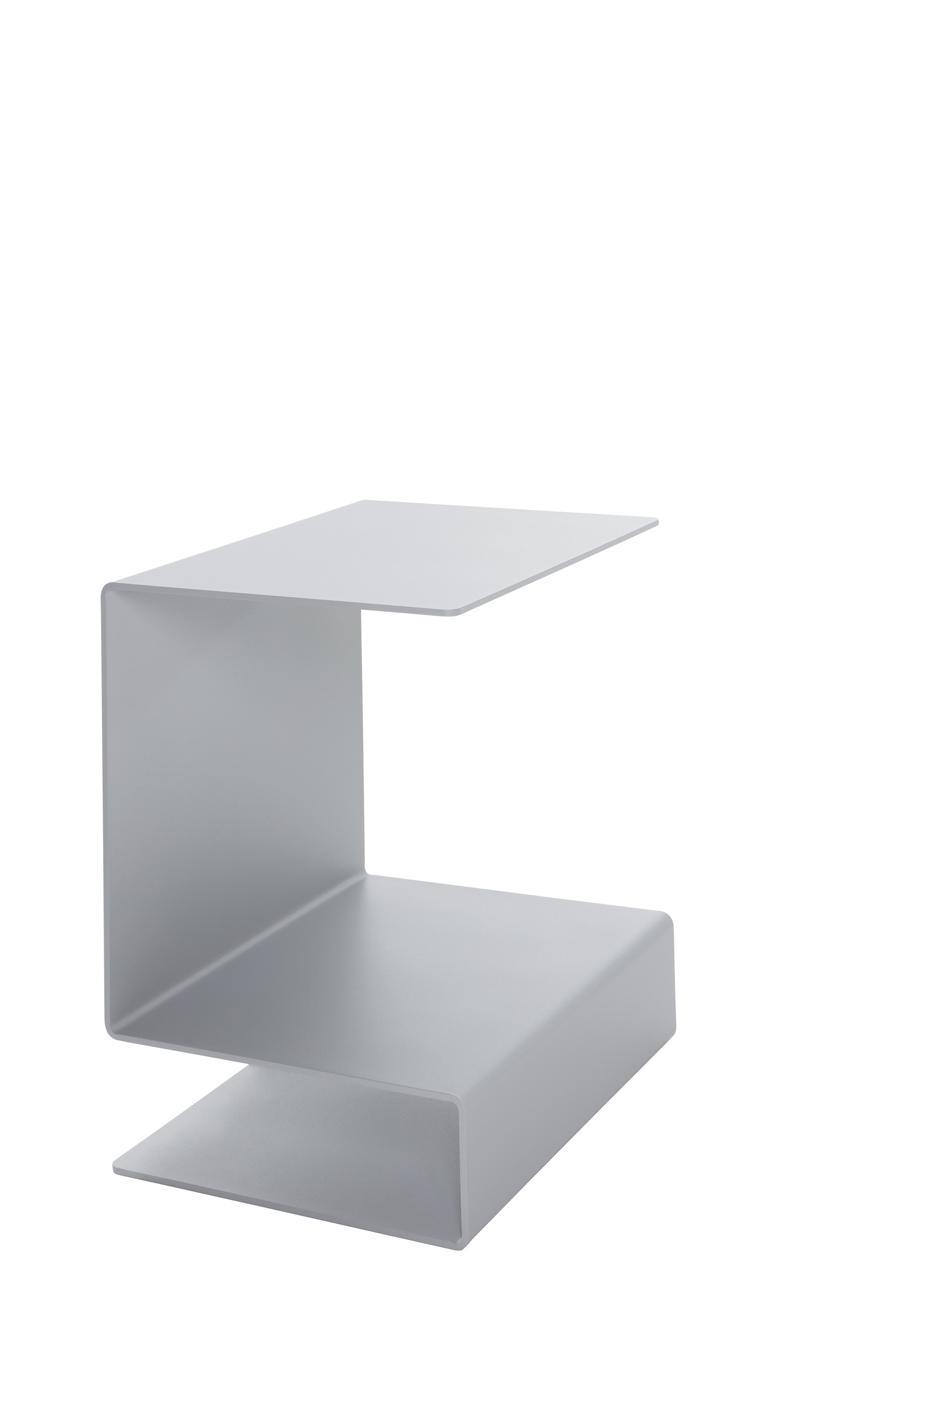 HUK side table Detailbild 2